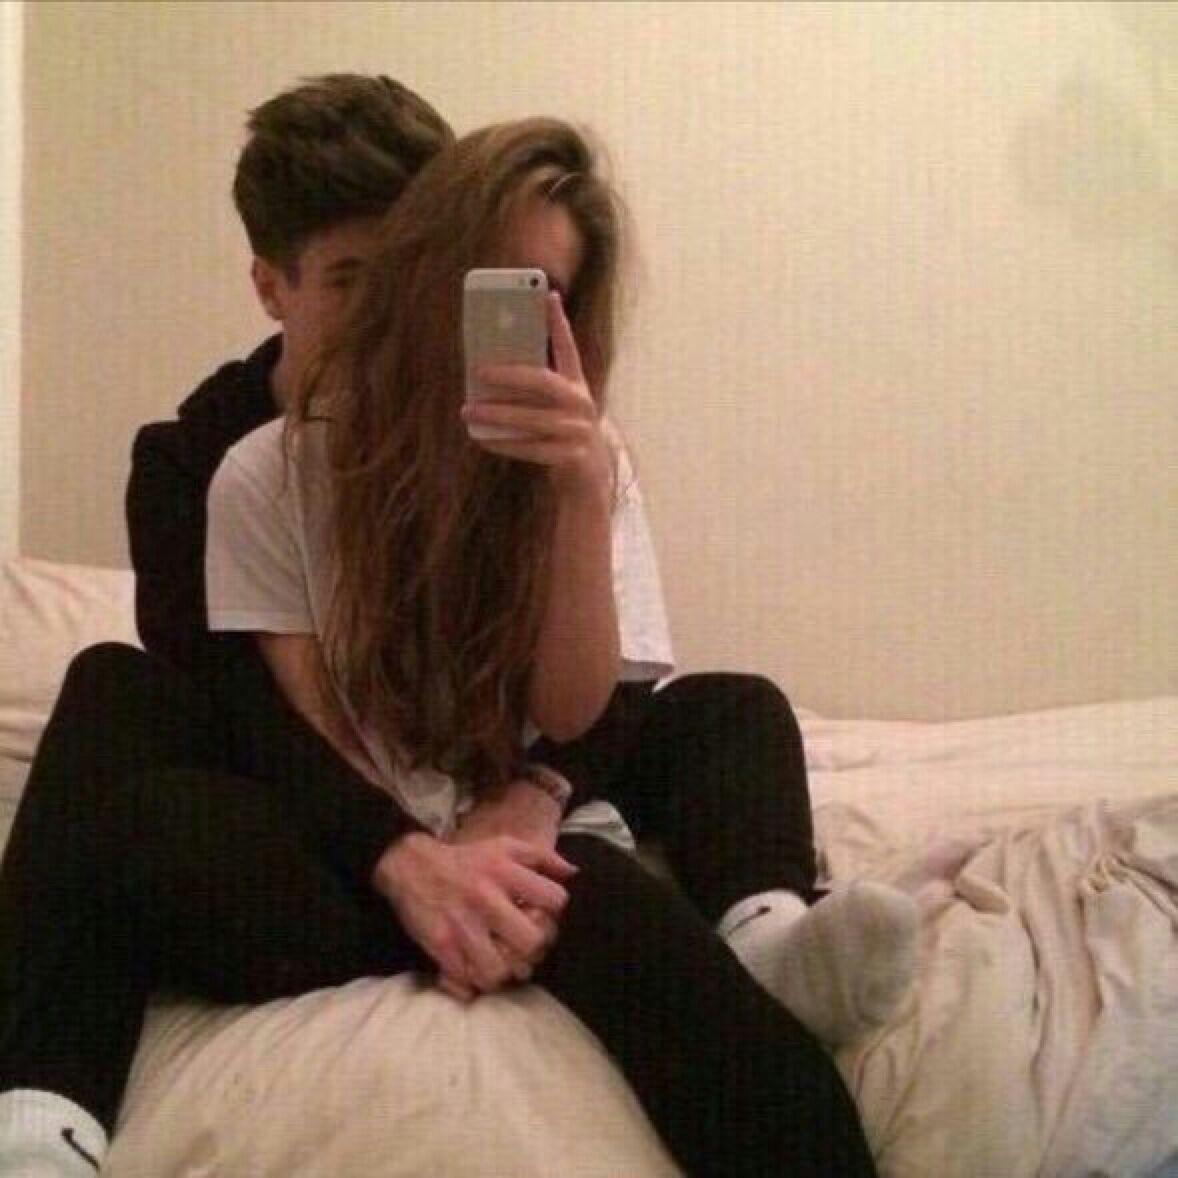 Русая девушка с парнем фото